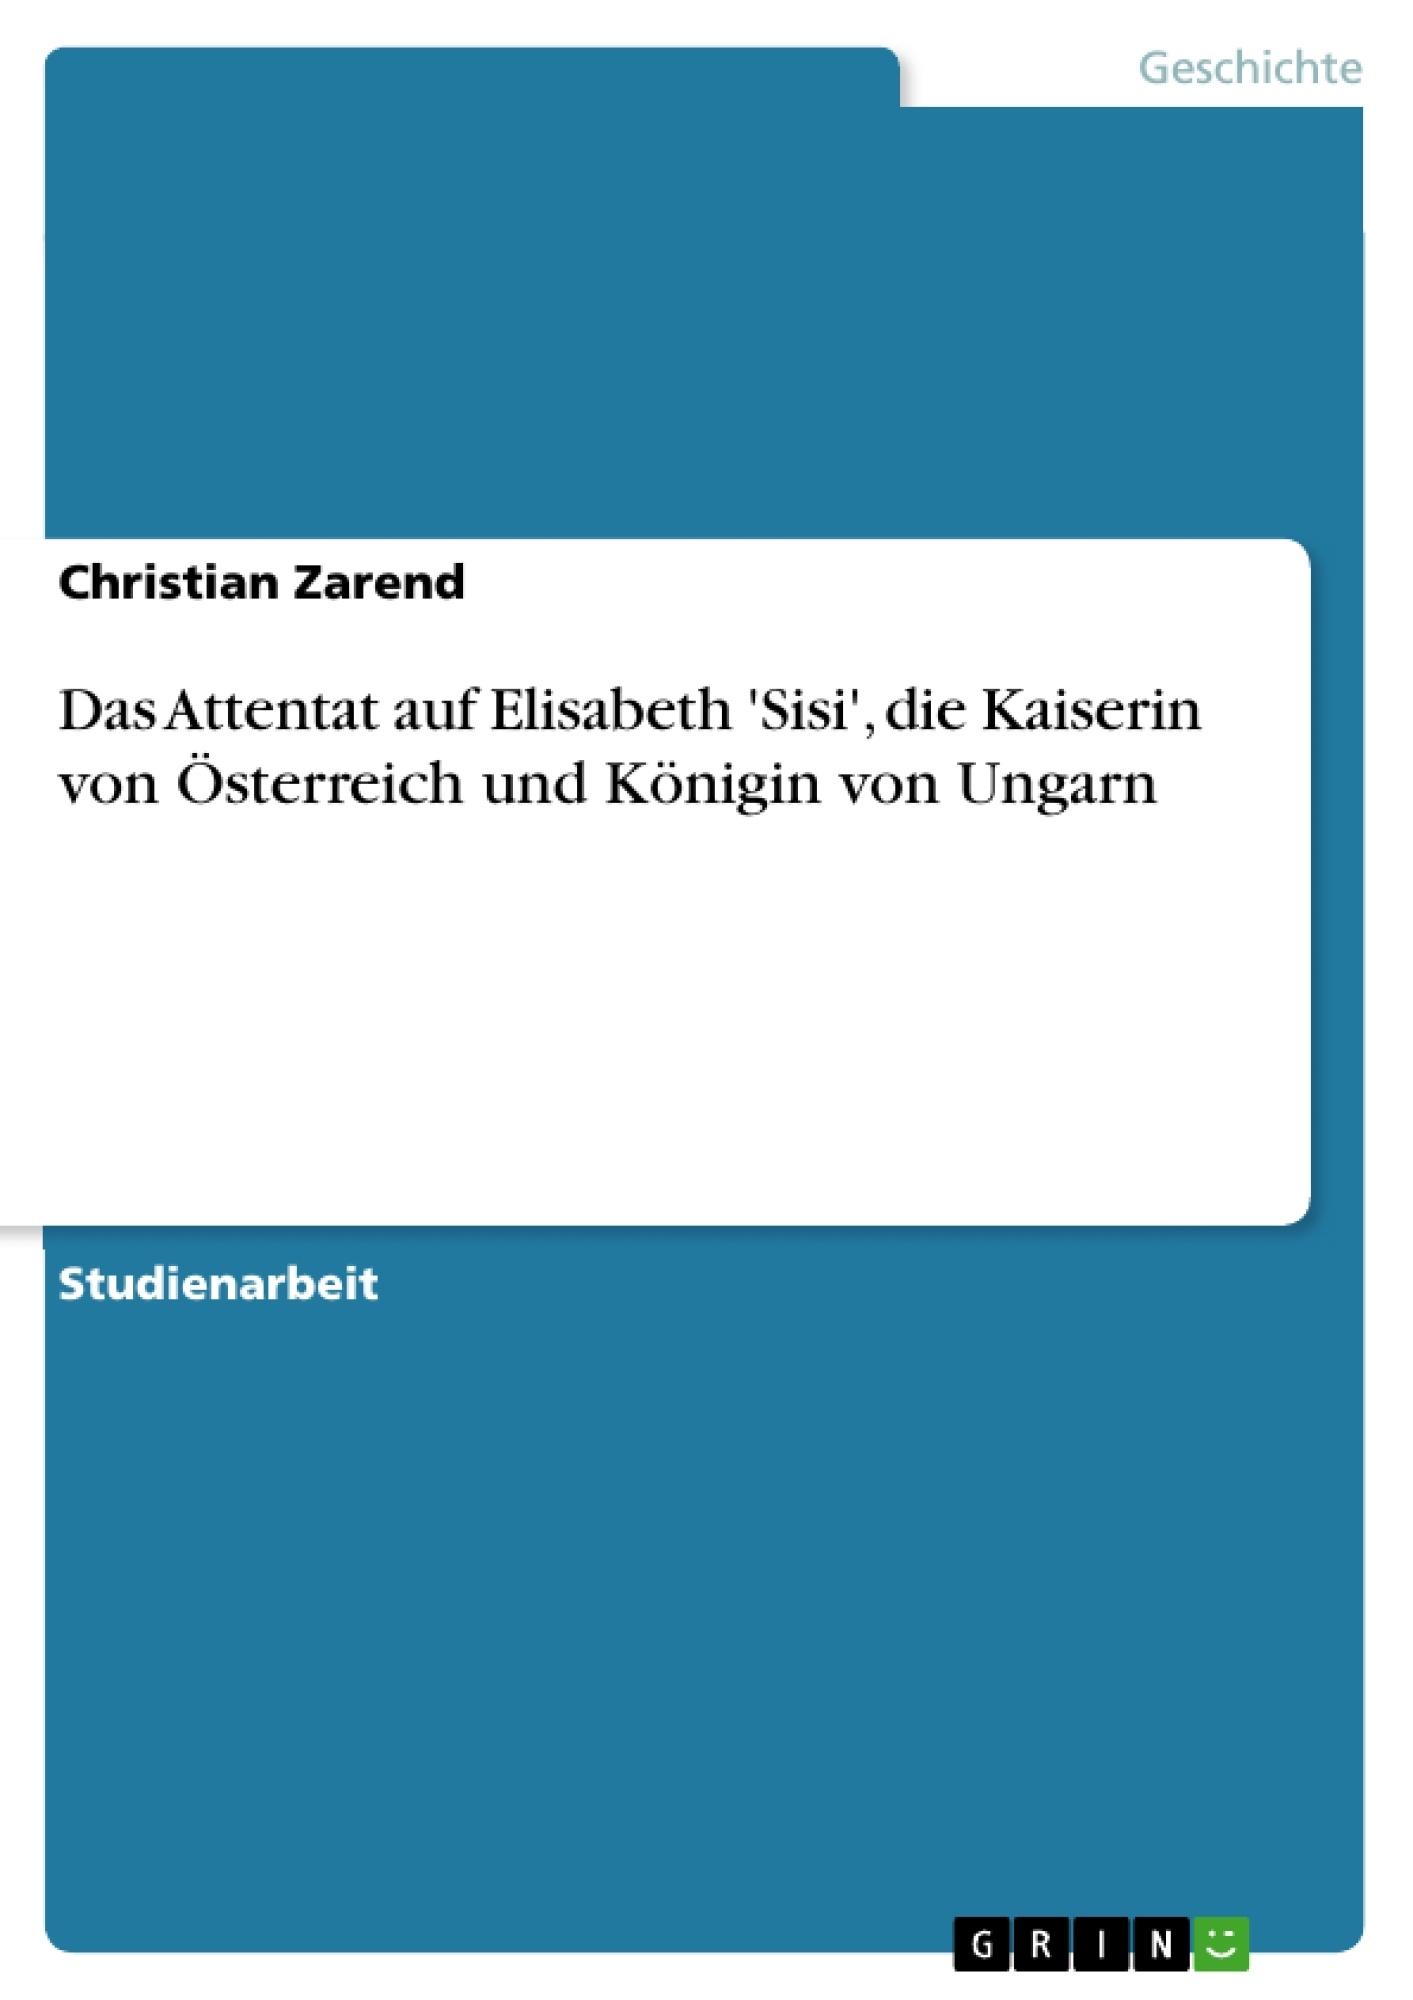 Titel: Das Attentat auf Elisabeth 'Sisi', die Kaiserin von Österreich und Königin von Ungarn